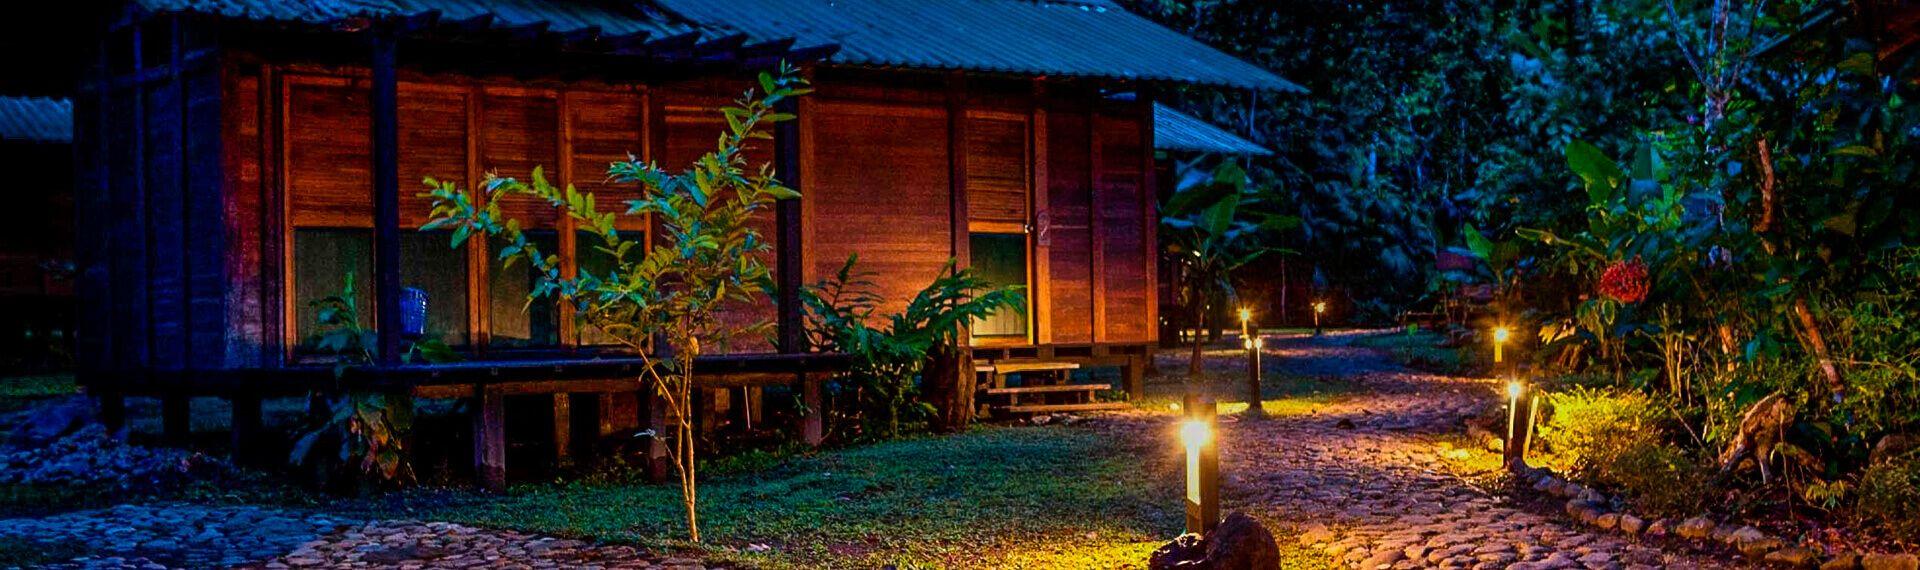 El Almejal - Reserve & Lodge Pacífico Colombiano